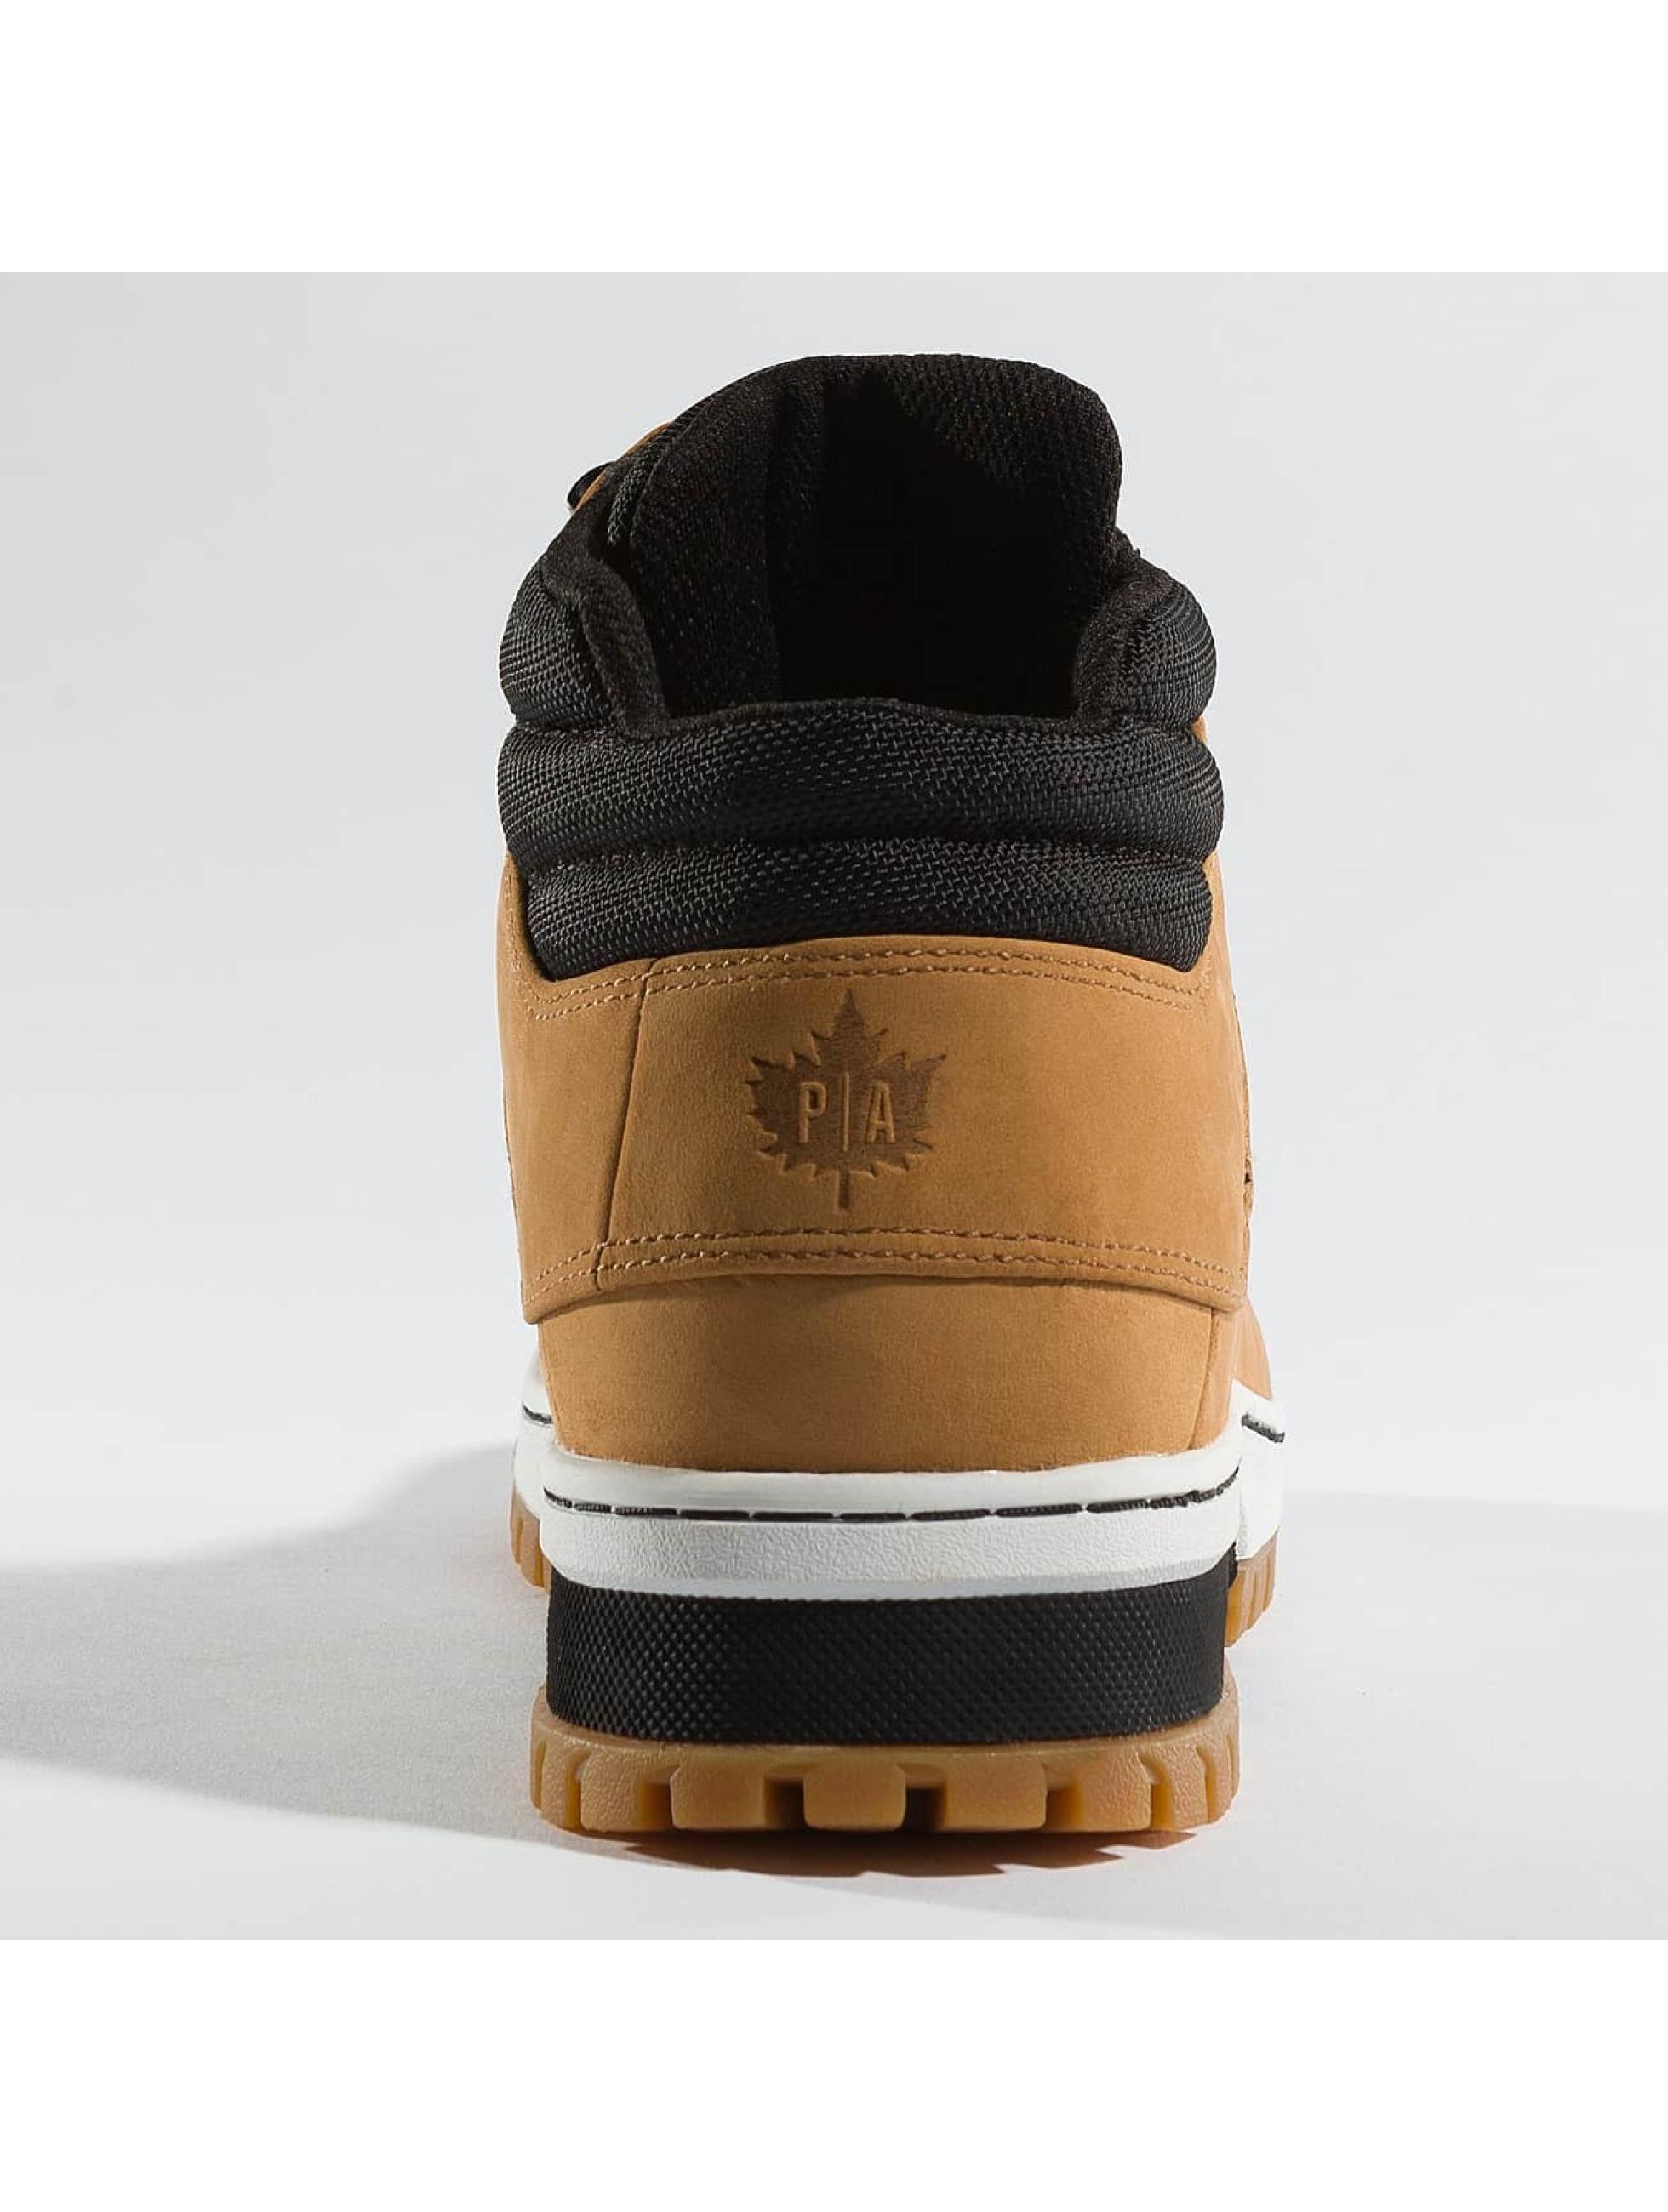 K1X Chaussures montantes H1ke Territory brun